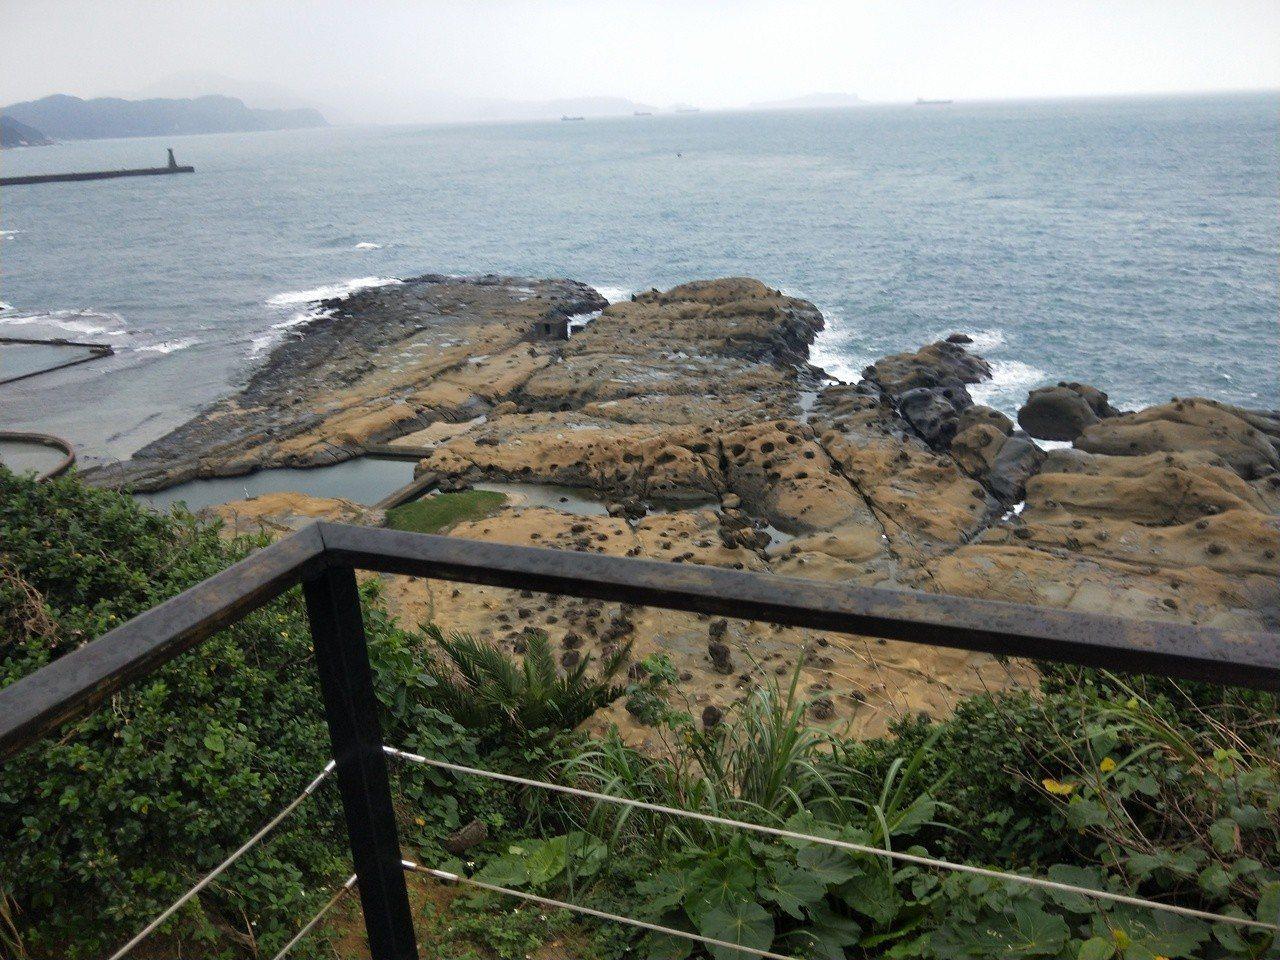 和平島公園擁有北海岸獨特海蝕地景,園內有十大守護岩,各具特色。記者游明煌/攝影